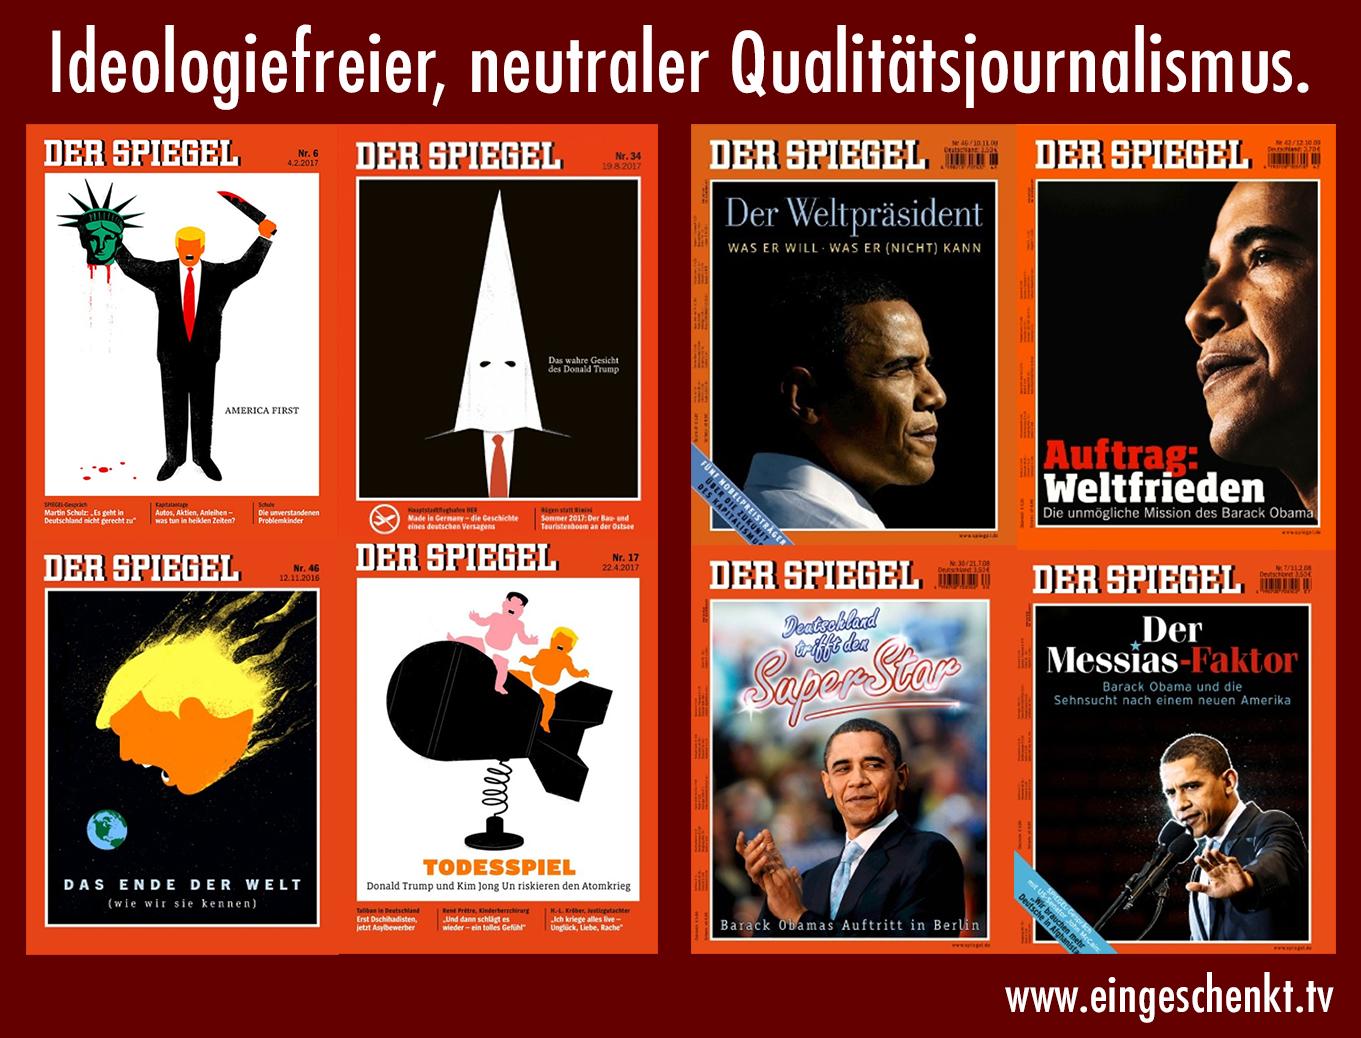 Ideologiefreier, neutraler Qualitätsjournalismus...